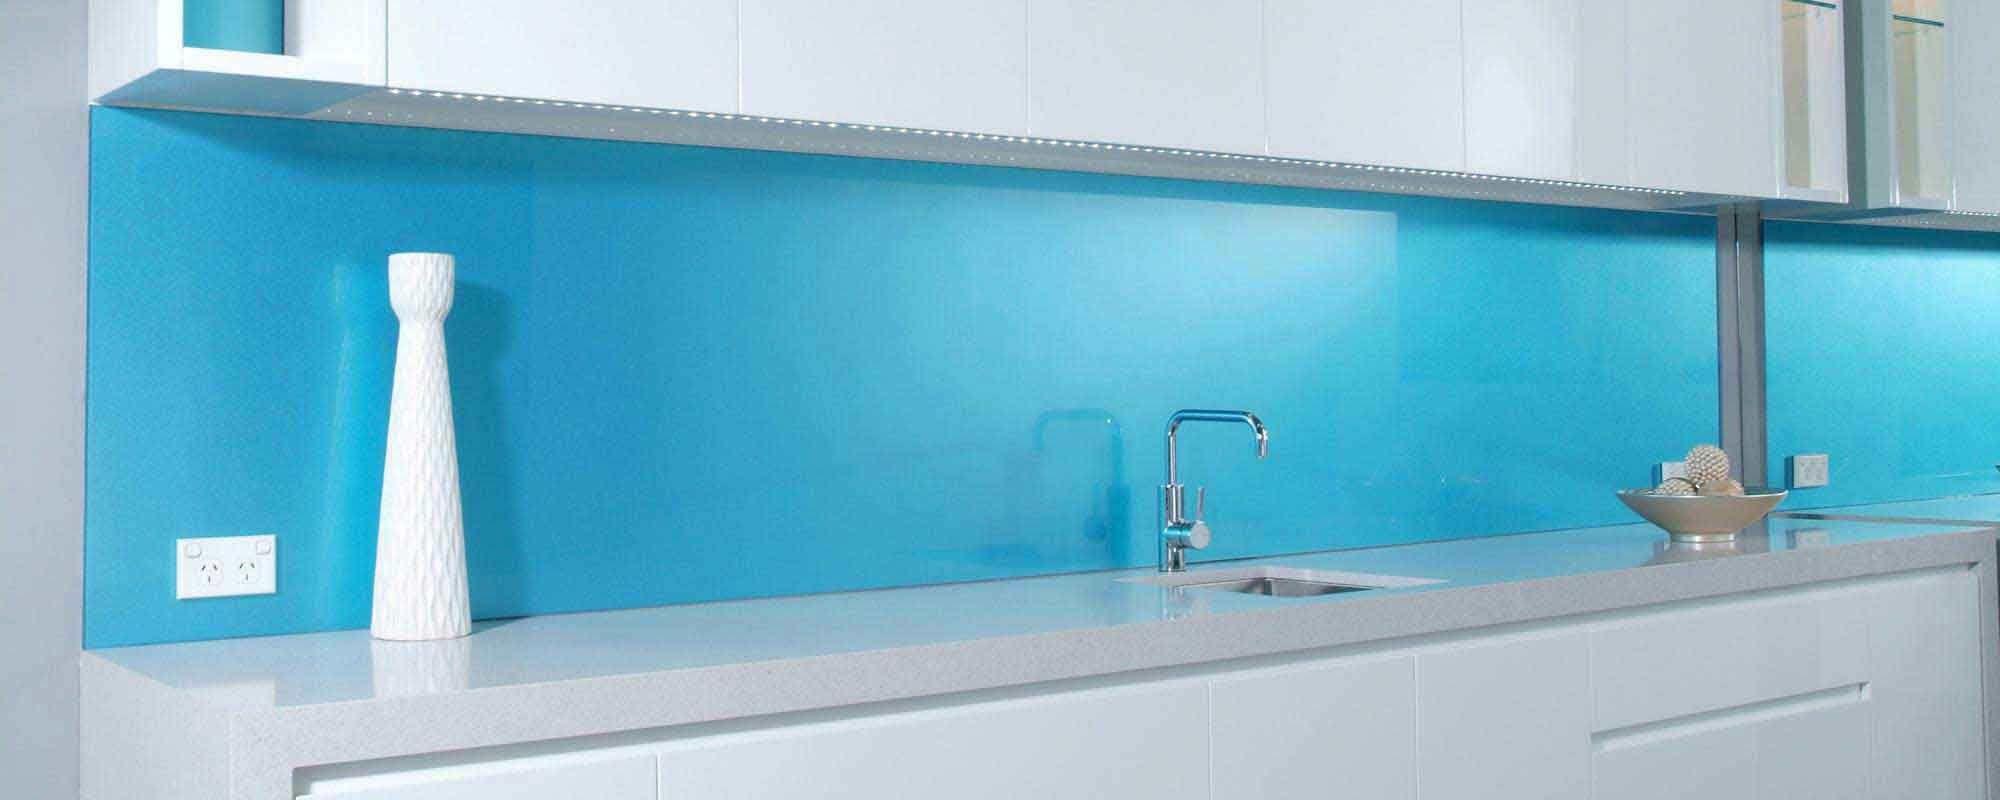 glass splashbacks kitchen splashbacks sydney decoglaze kitchen ...